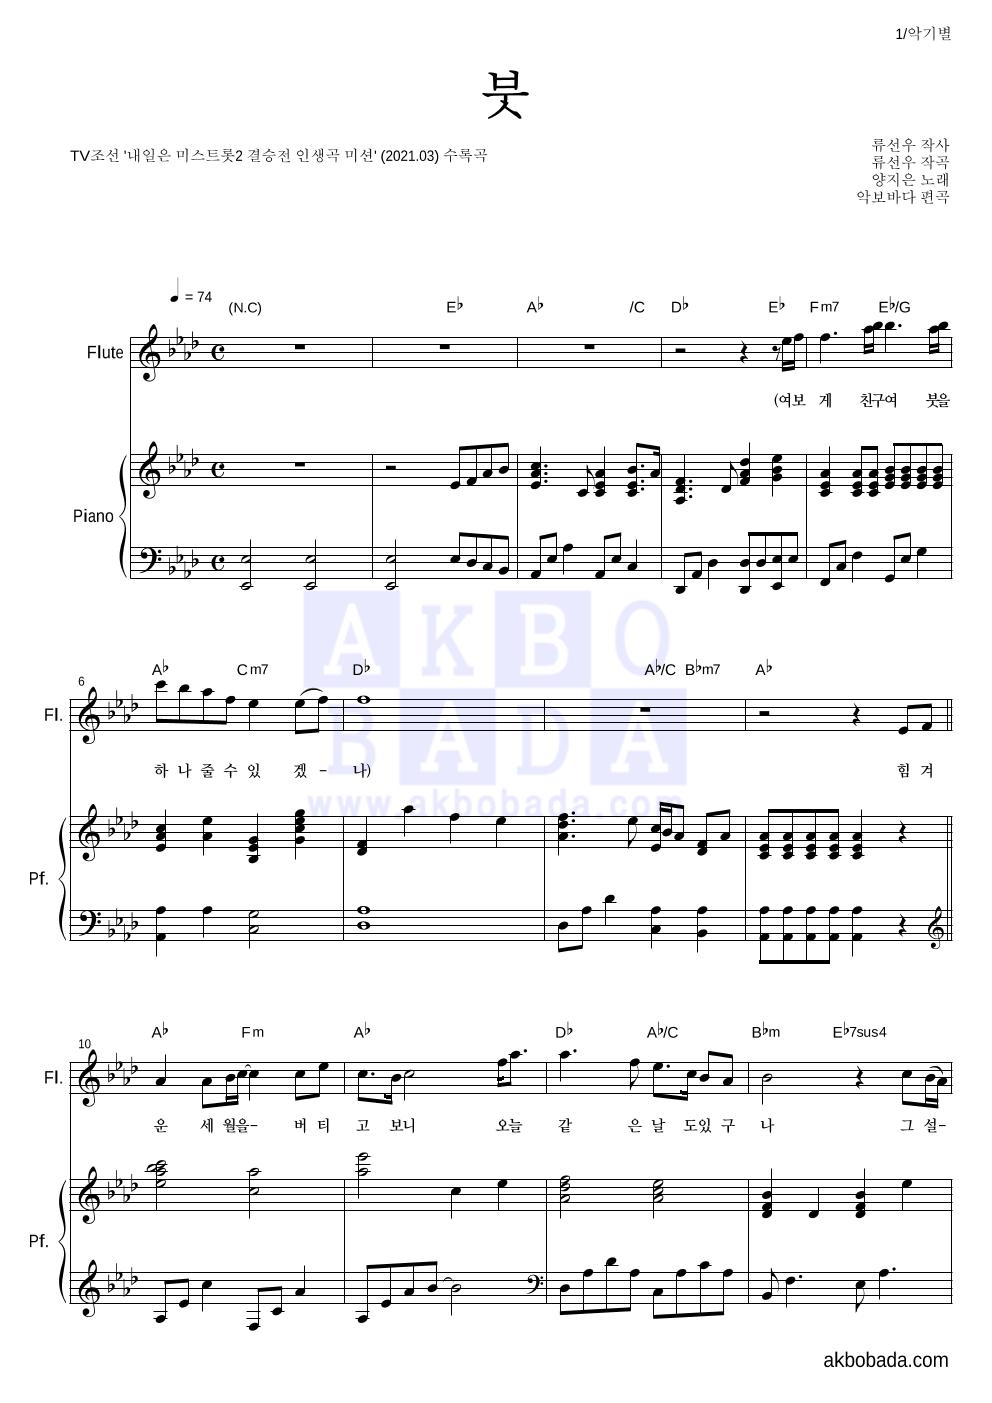 양지은 - 붓 플룻&피아노 악보